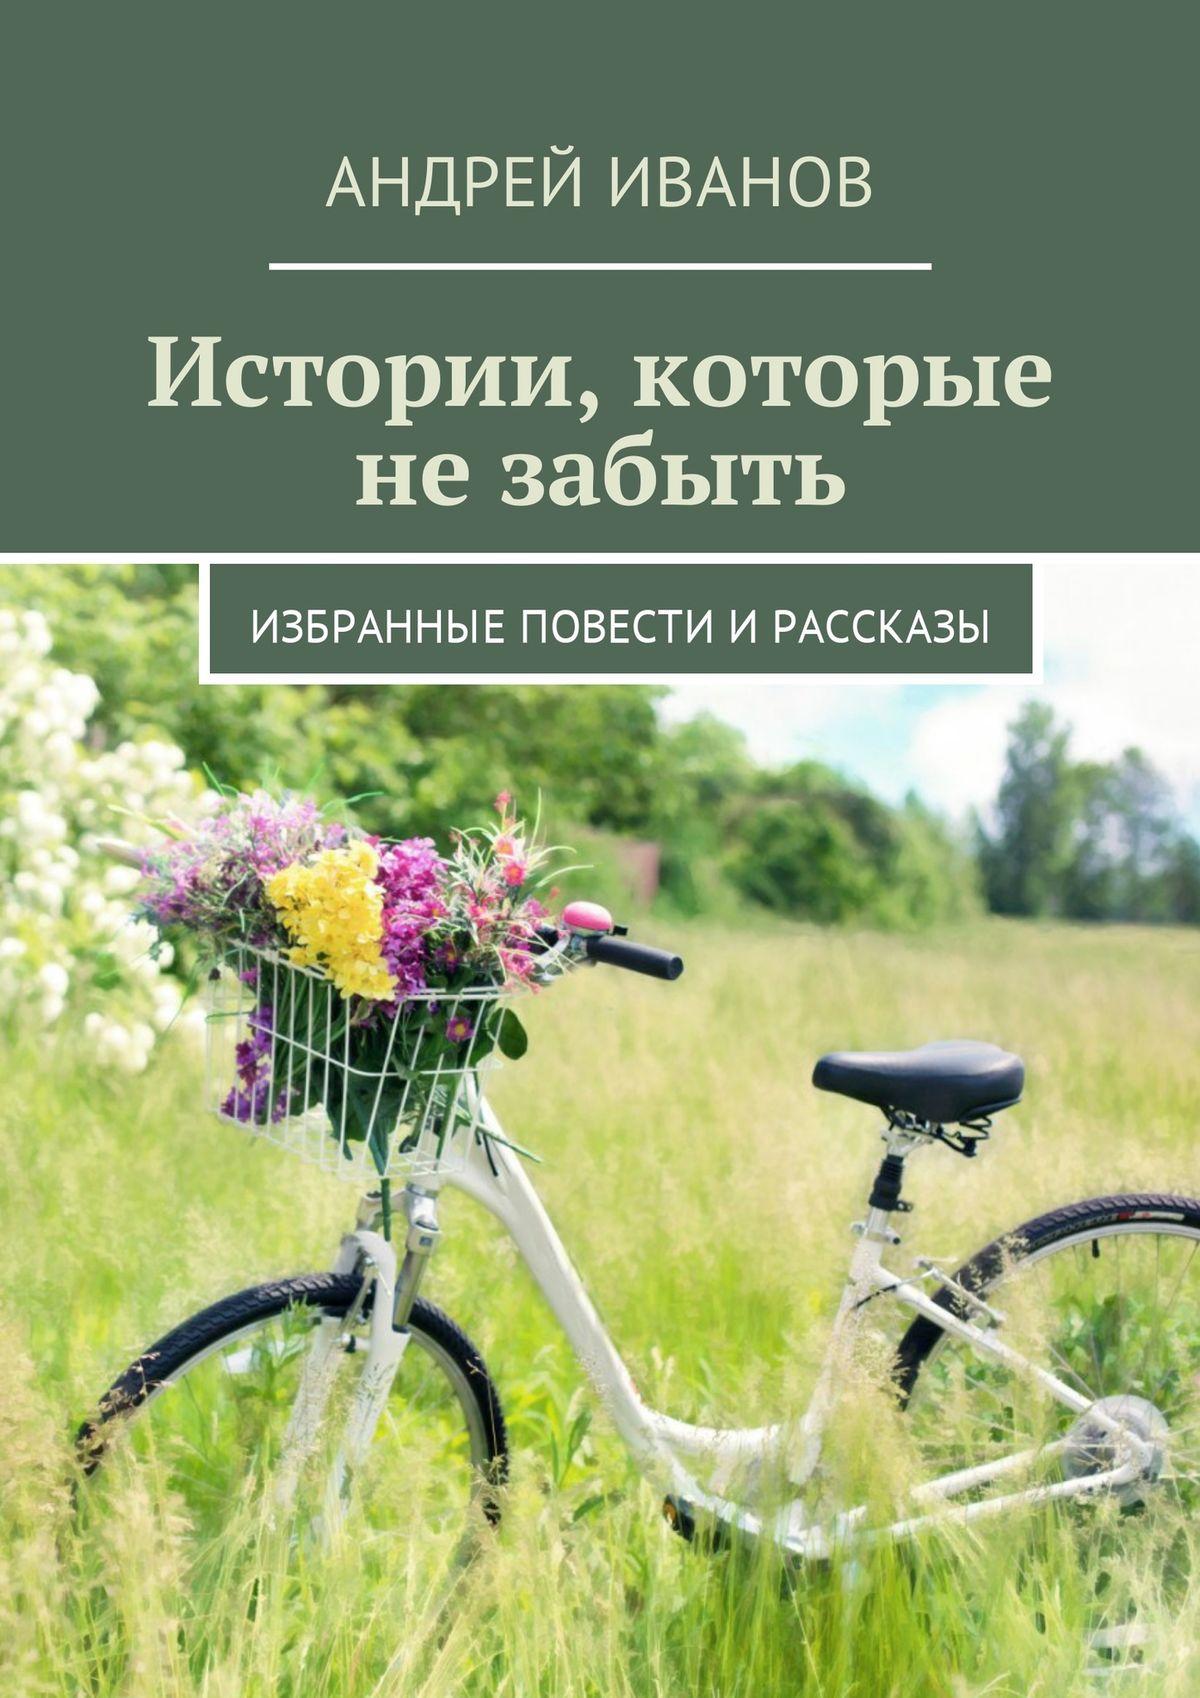 Андрей Иванов Истории, которые не забыть. Избранные повести и рассказы